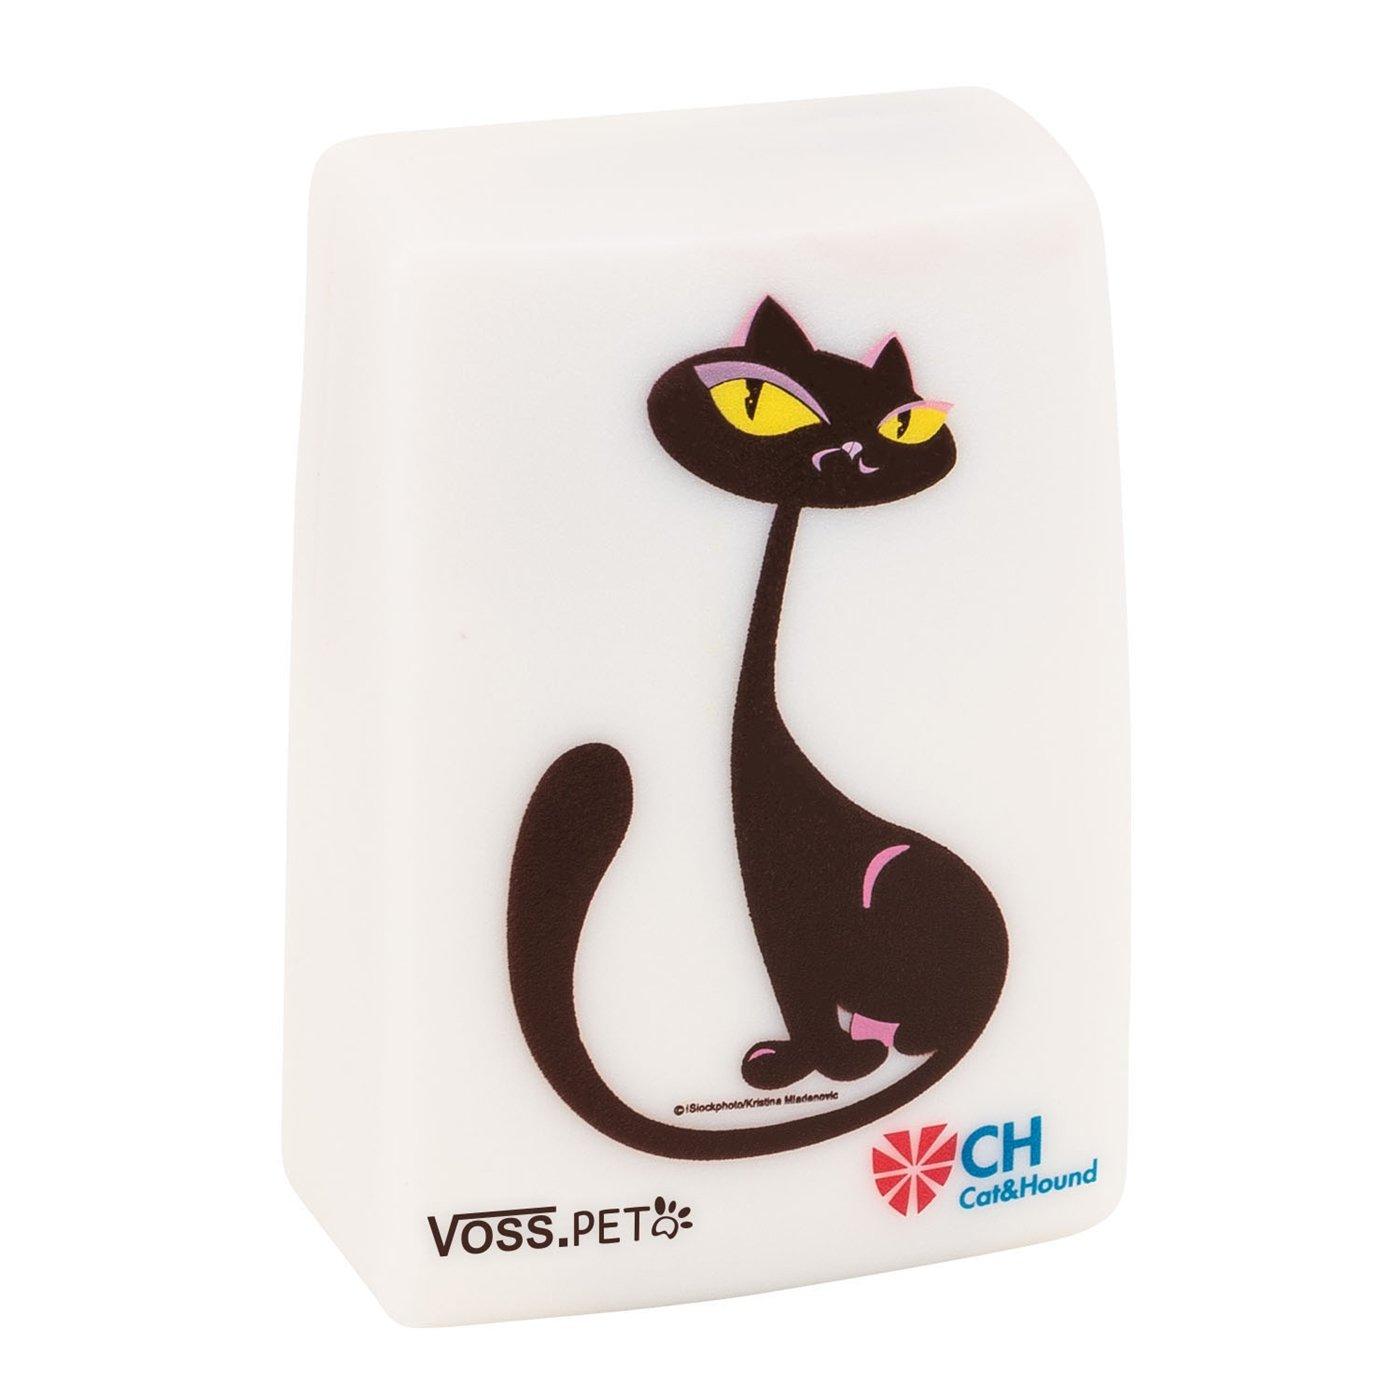 Cat Doorbell – Türklingel für Katzen mit Licht und Tonsignal | Katzenklingel | Alternative für Katzenklappe, Bewegungsmelder, Türsensor Türsensor unbekannt